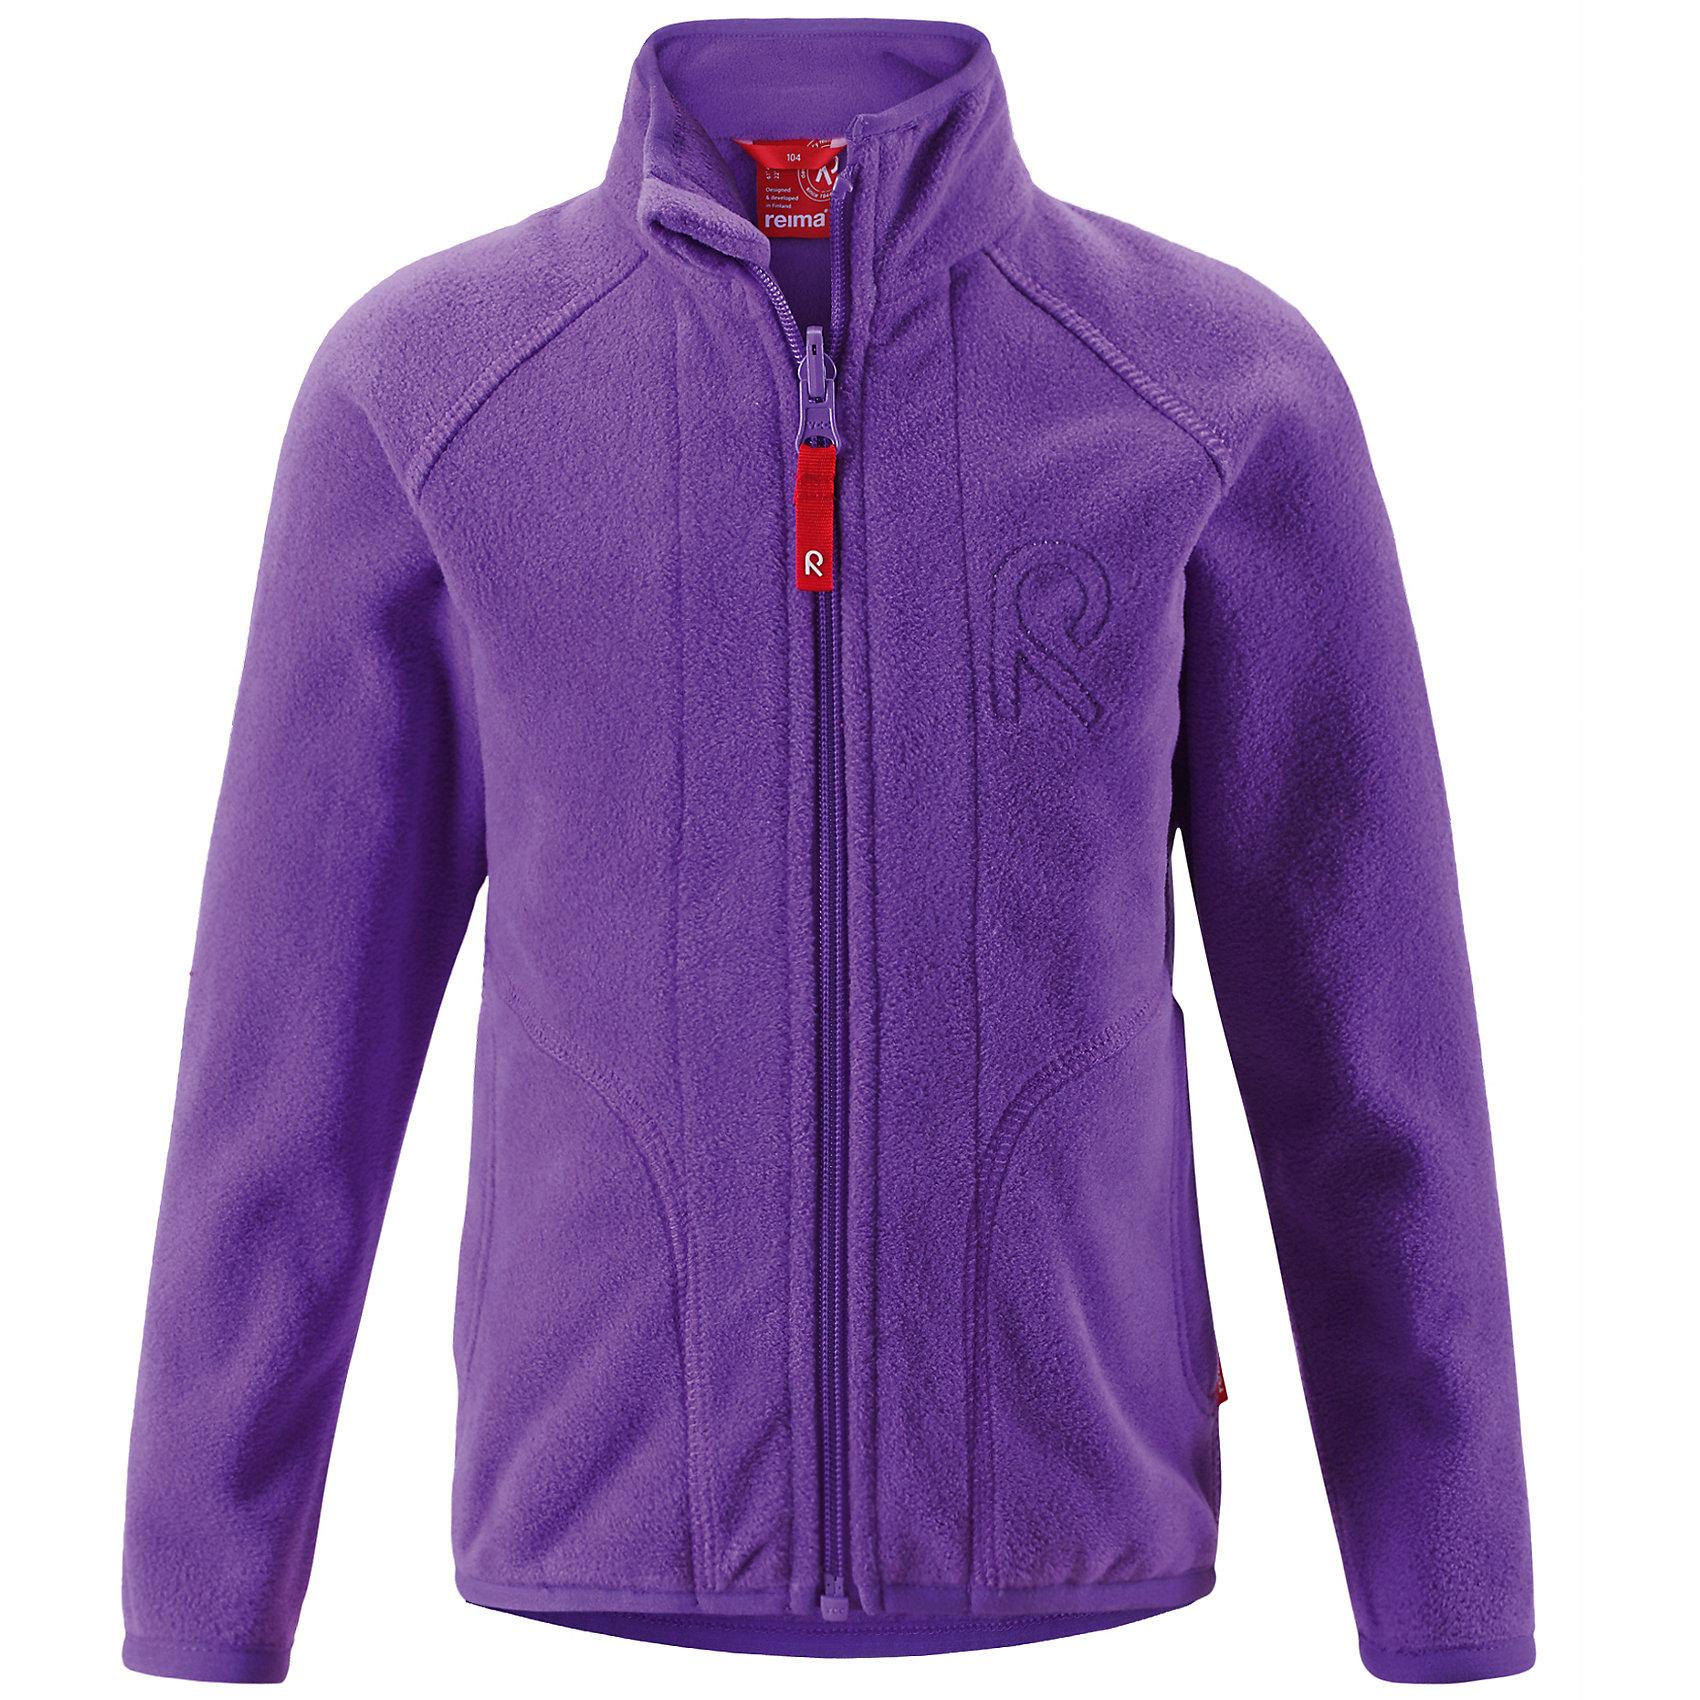 Флисовая толстовка для девочки ReimaДетская толстовка из флиса идеально подойдет в качестве промежуточного слоя в холодную погоду, так как обеспечивает тепло, очень мягкое и приятен коже. Эта толстовка сделана из легкого дышащего флиса, быстро сохнет и обеспечивает комфорт во время активных прогулок. Молния на всю длину облегчает надевание, не царапает шею и подбородок. Эта функциональная толстовка из флиса легко подстегивается к любой верхней одежде Reima® с помощью специальных кнопок Play Layers®. Новинка в Play Layers® этой осени: двусторонняя молния позволяет легко застегивать и расстегивать одежду. Выбери свой любимый цвет среди множества модных цветов этого сезона!<br><br>Толстовка из флиса для детей постарше.<br>Теплый высококачественный флис.<br>Выводит влагу во внешние слои, быстро сохнет..<br>Боковые карманы<br>Молния во всю длину с защитой для подбородка.<br>Фасонная удлиненная спинка для лучшей защиты.<br>Изделие оснащено специальными кнопками Reima.<br>PlayLayers® для пристегивания промежуточного слоя к верхней одежде.<br>Состав:<br>100% ПЭ<br><br><br>Флисовую толстовку Reima (Рейма) можно купить в нашем магазине.<br><br>Ширина мм: 190<br>Глубина мм: 74<br>Высота мм: 229<br>Вес г: 236<br>Цвет: фиолетовый<br>Возраст от месяцев: 108<br>Возраст до месяцев: 120<br>Пол: Женский<br>Возраст: Детский<br>Размер: 140,128,104,98,110,92,116,122,134<br>SKU: 4210059